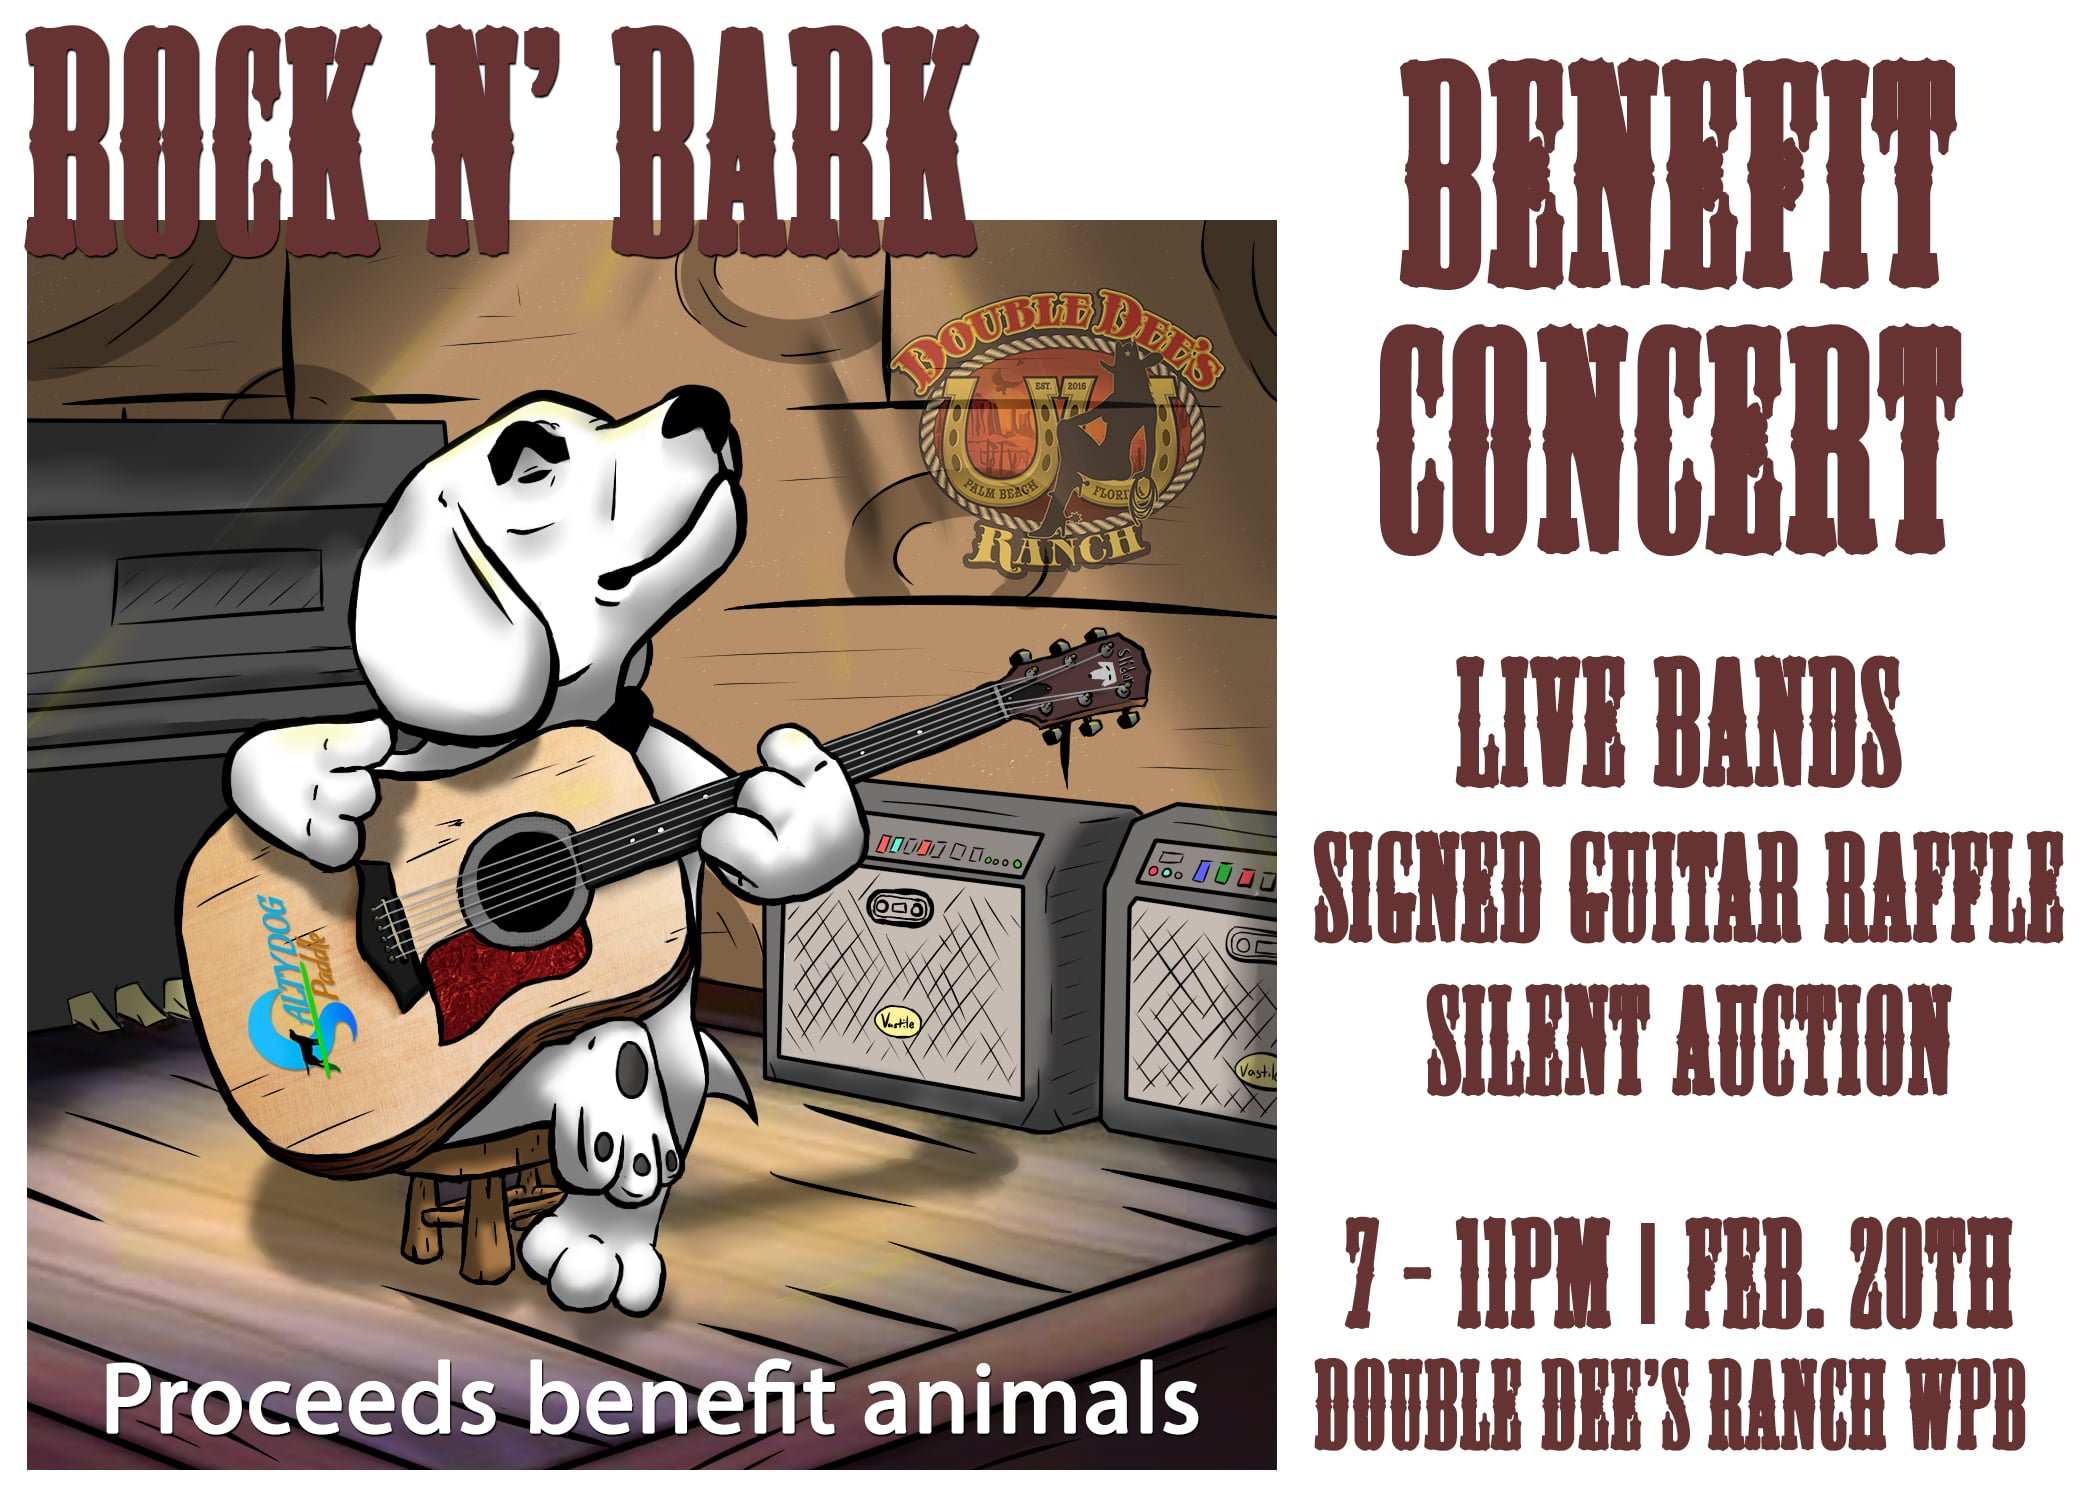 Rock n Bark Benefit Concert